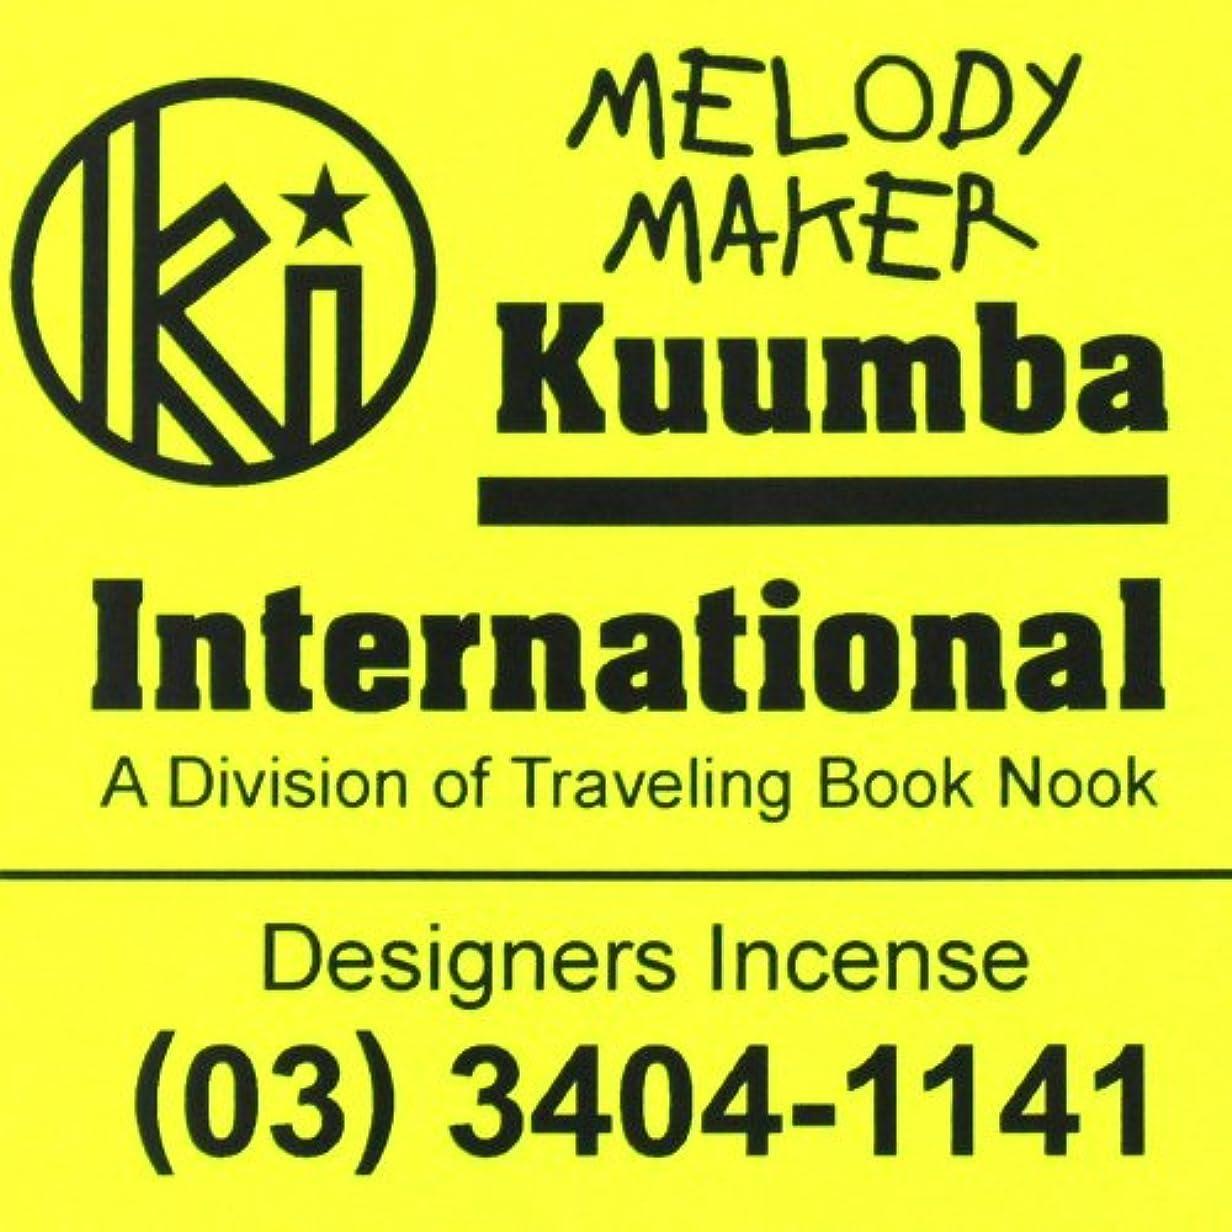 確認する荒涼としたに(クンバ) KUUMBA『classic regular incense』(MELODY MAKER) (Regular size)